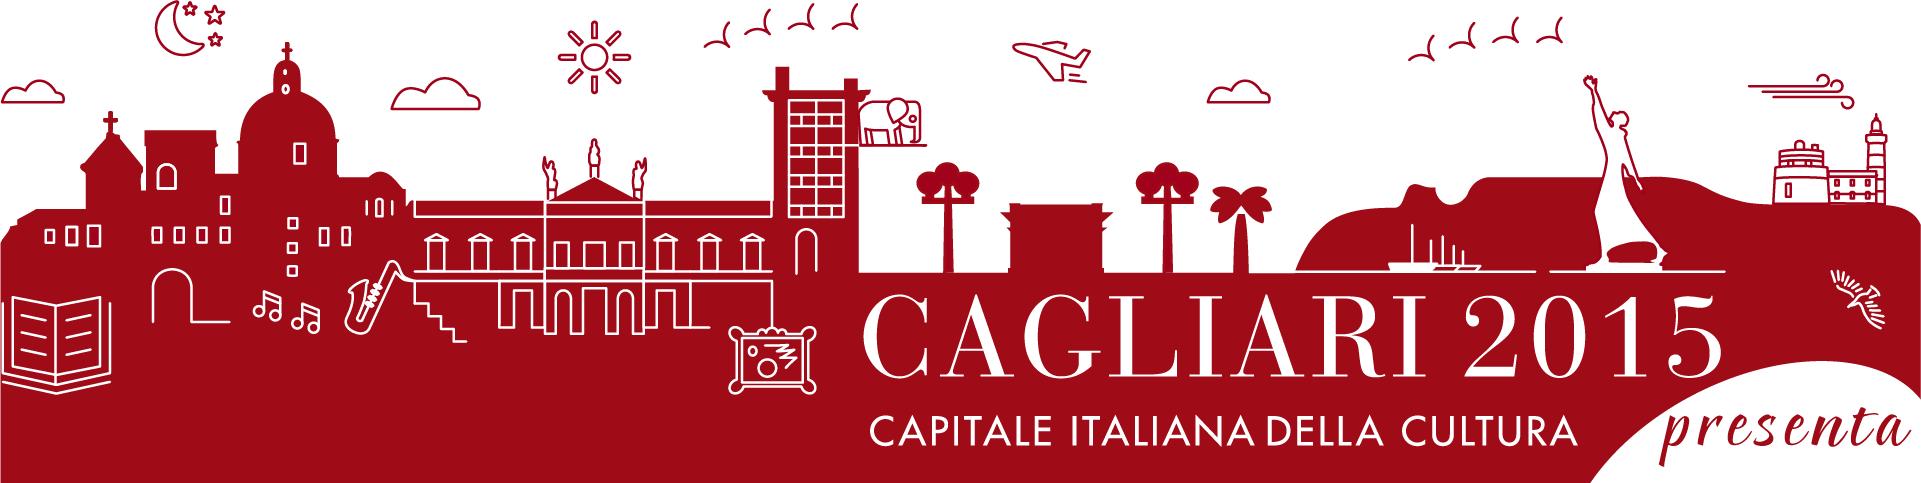 banner cagliari2015-2